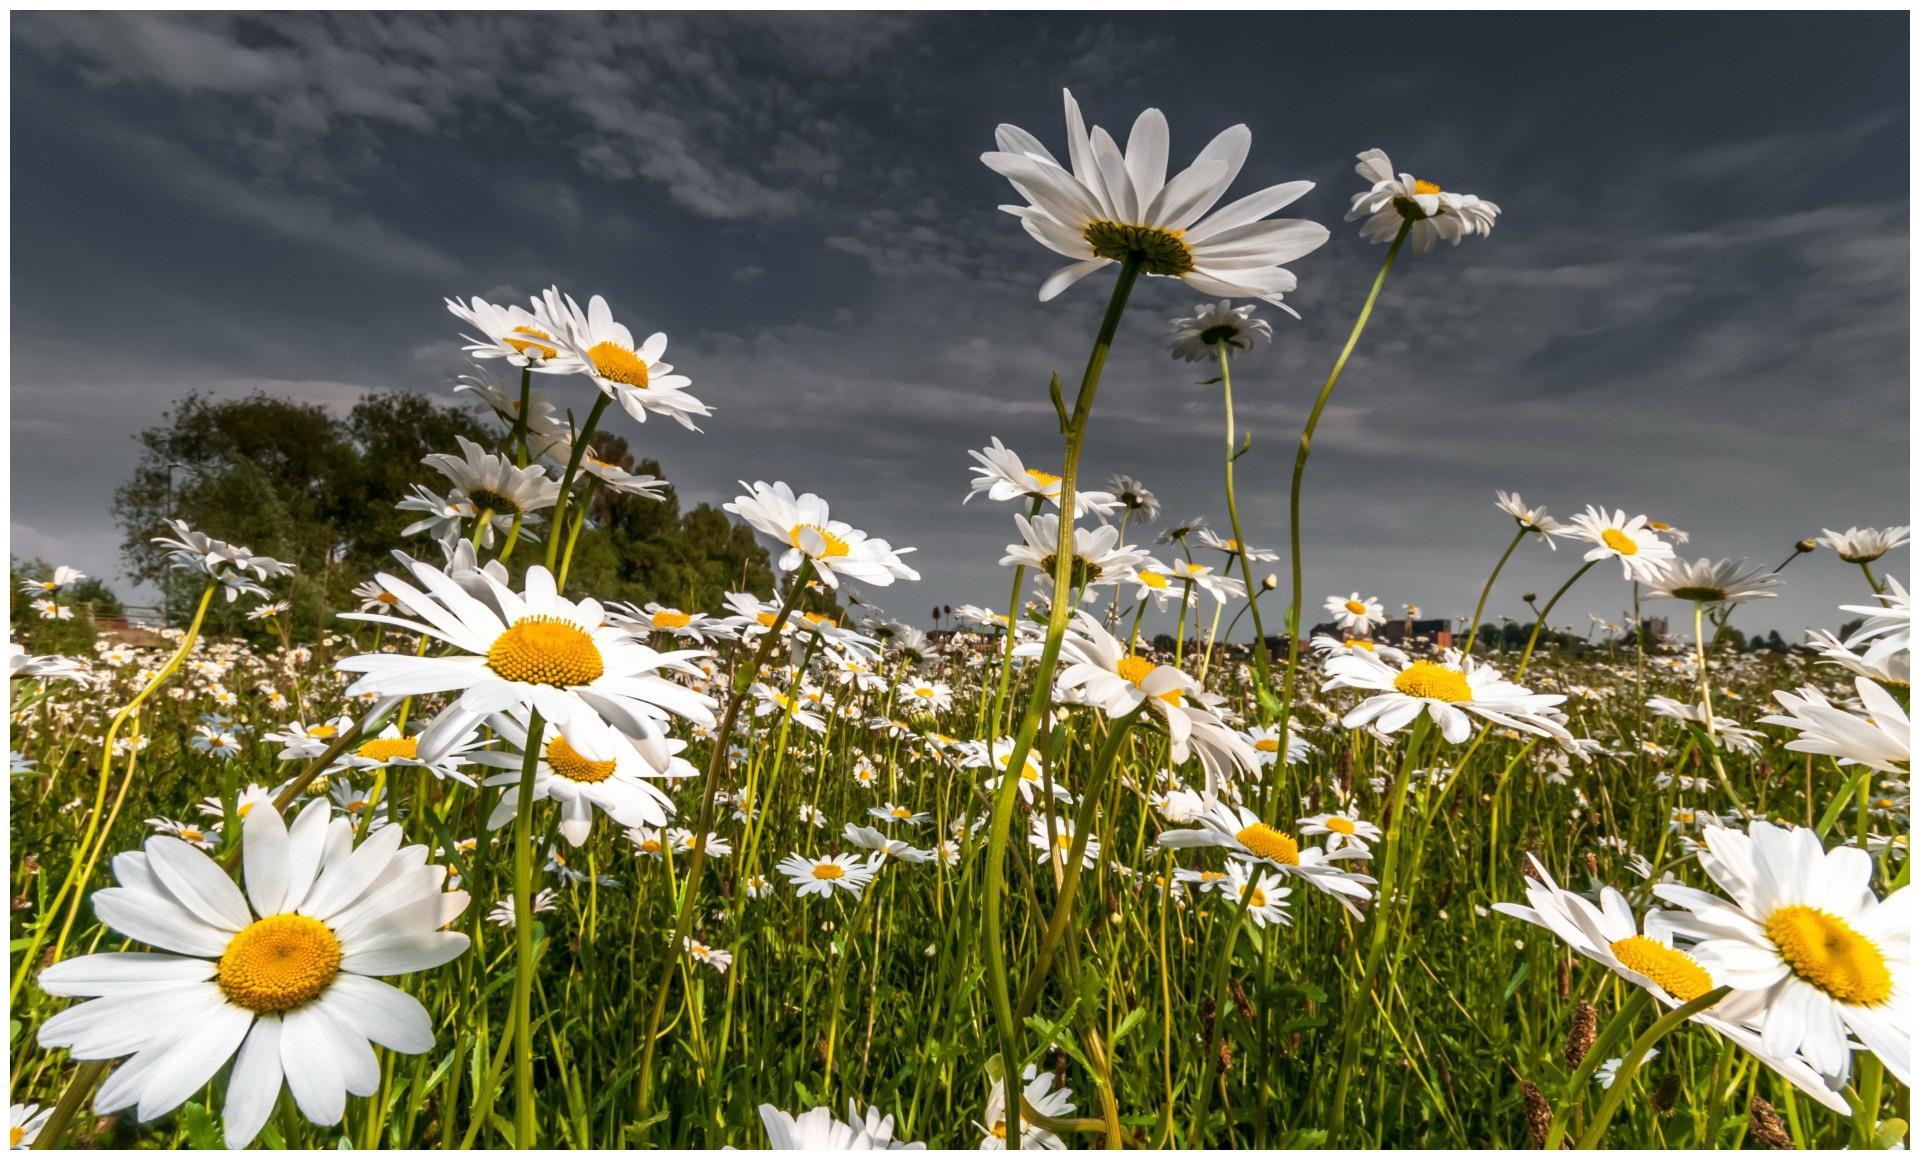 在近期,花开半夏,独宠旧爱,幸福重归,收获完美爱情的四大星座